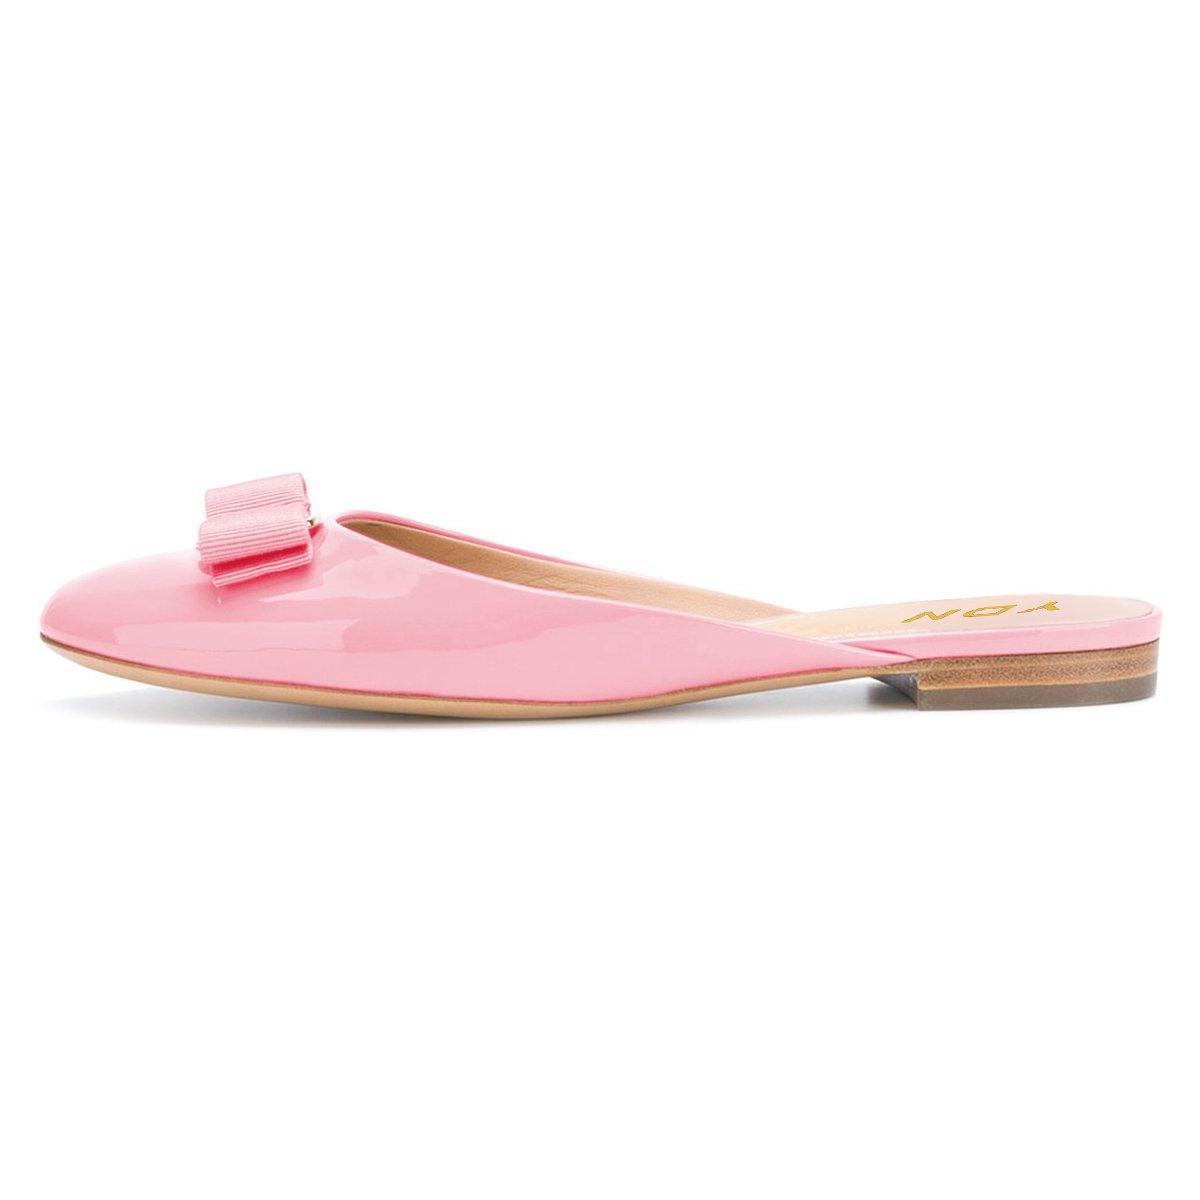 Zapatos planos de verano tacón bajo YDN de para mujer 14213 con ...